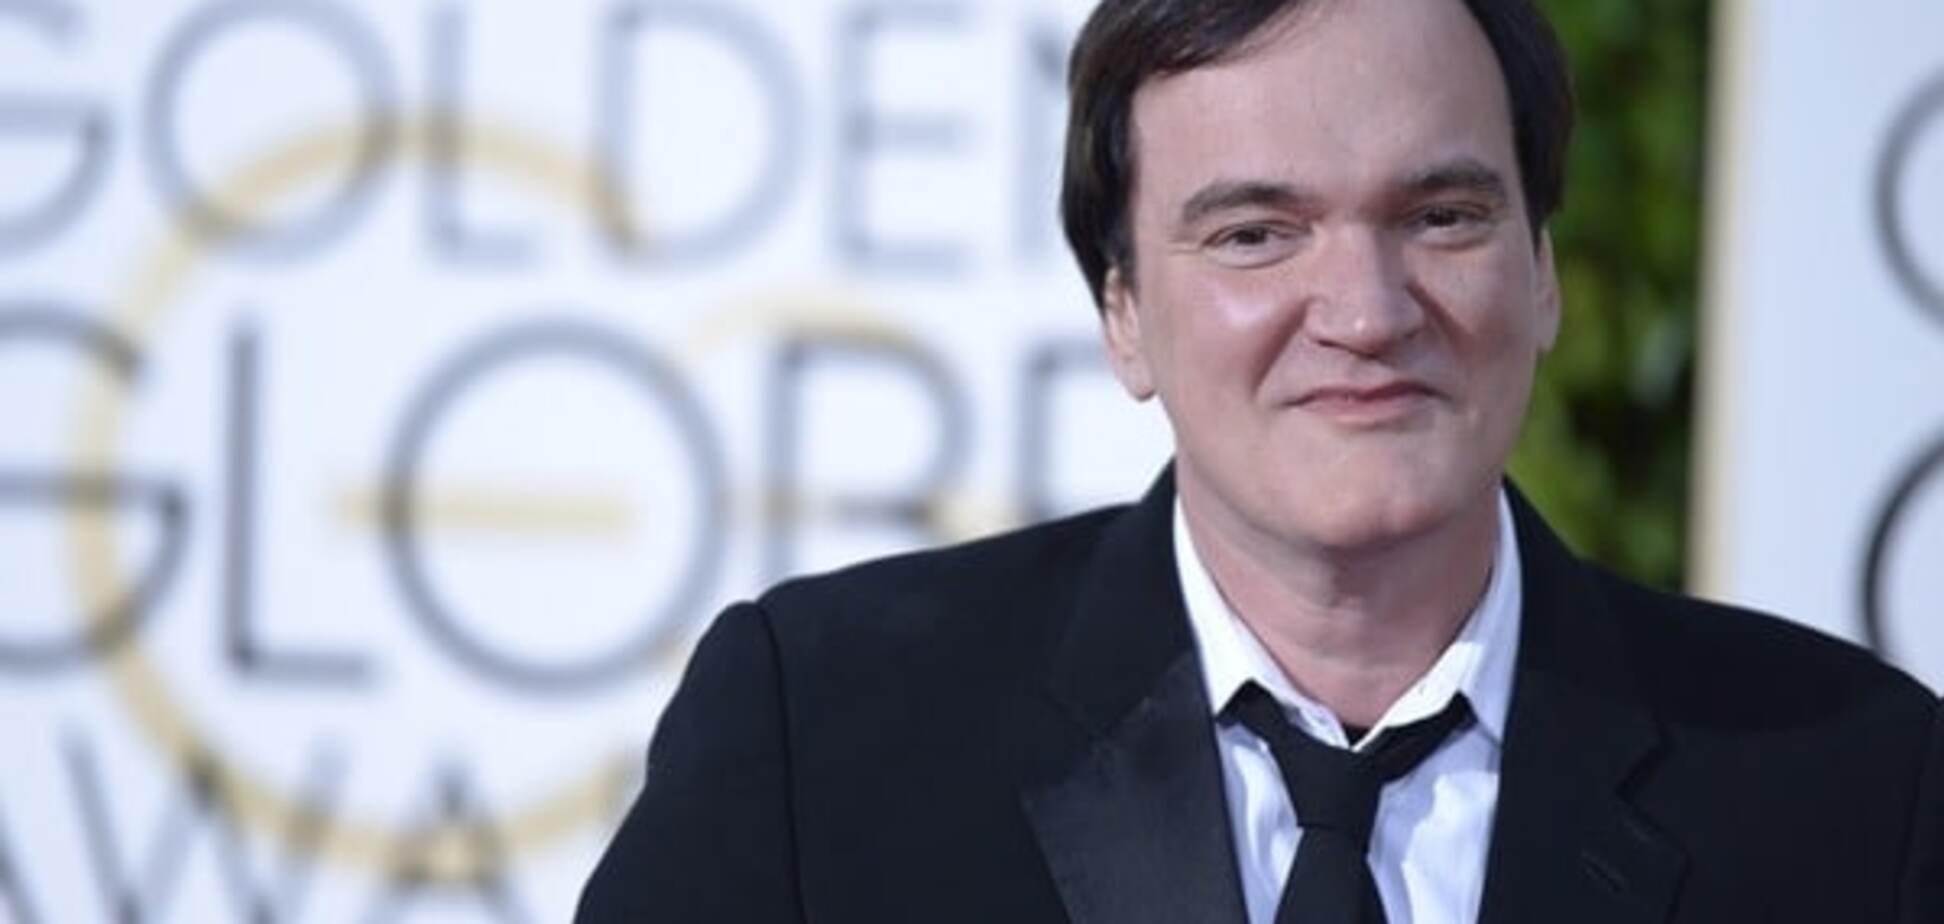 Тарантино под градусом: актер опозорился на 'Золотом глобусе'